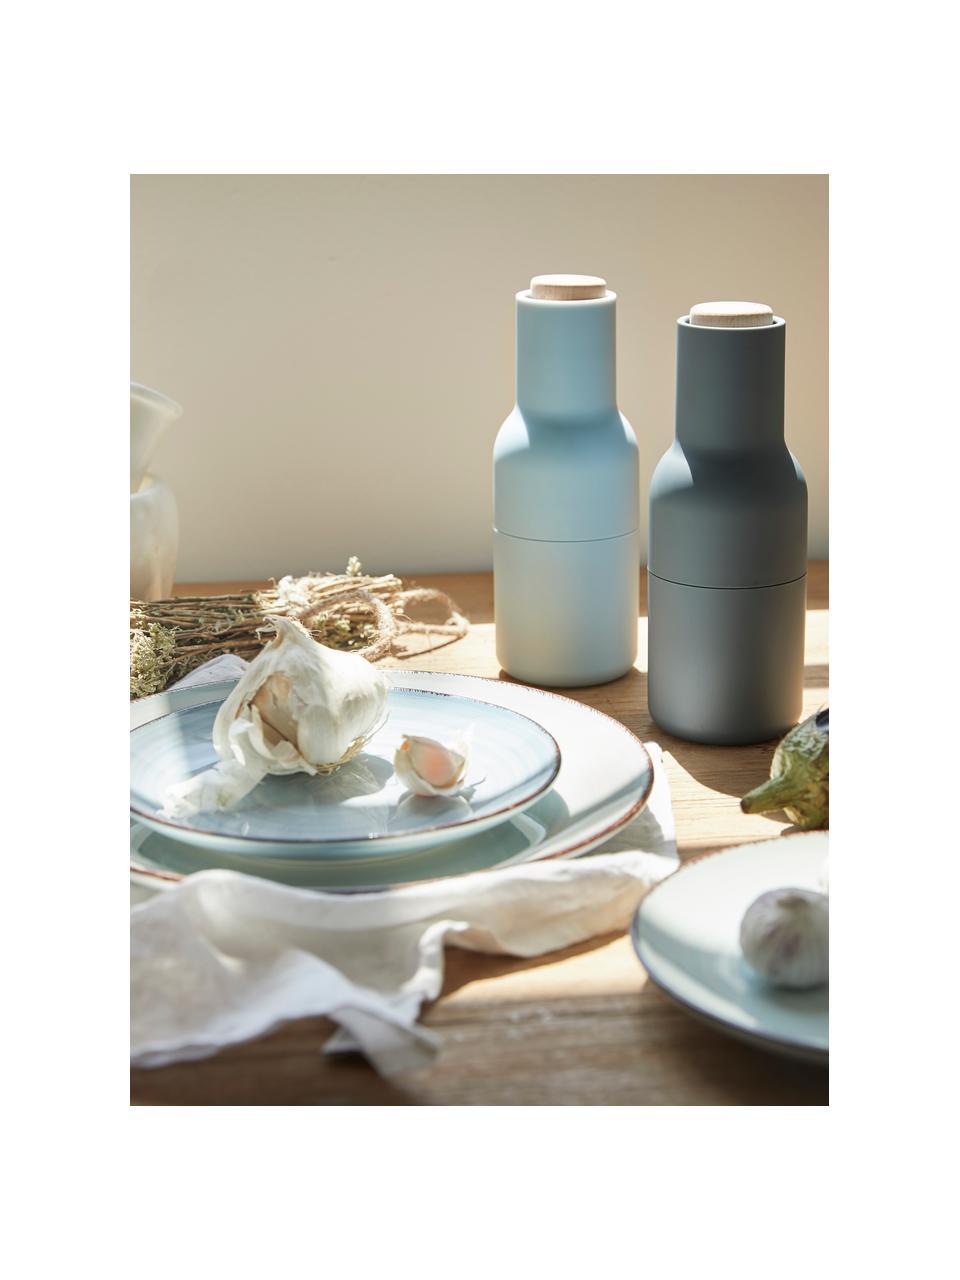 Komplet młynków Bottle Grinder, 2elem., Korpus: tworzywo sztuczne, Niebieski, jasny niebieski, brązowy, Ø 8 x W 21 cm